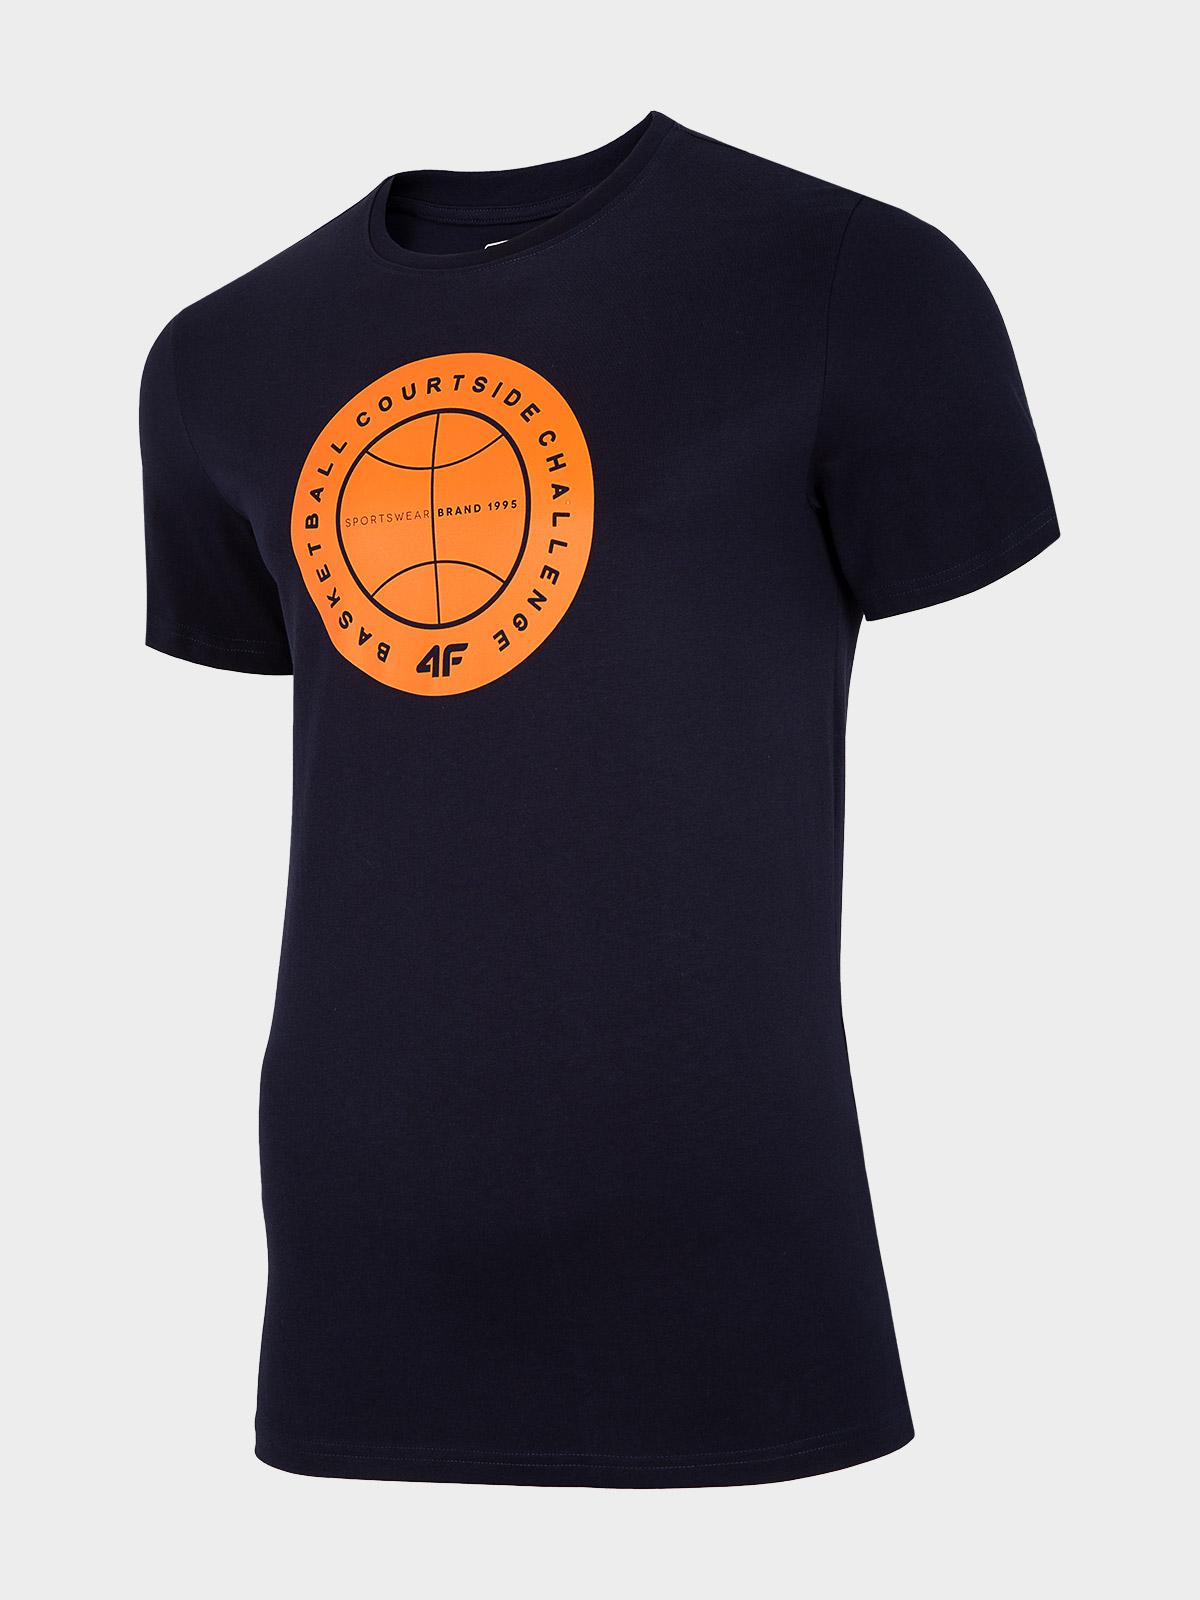 חולצת T פור אף לגברים 4F H4L20 TSM027 - שחור